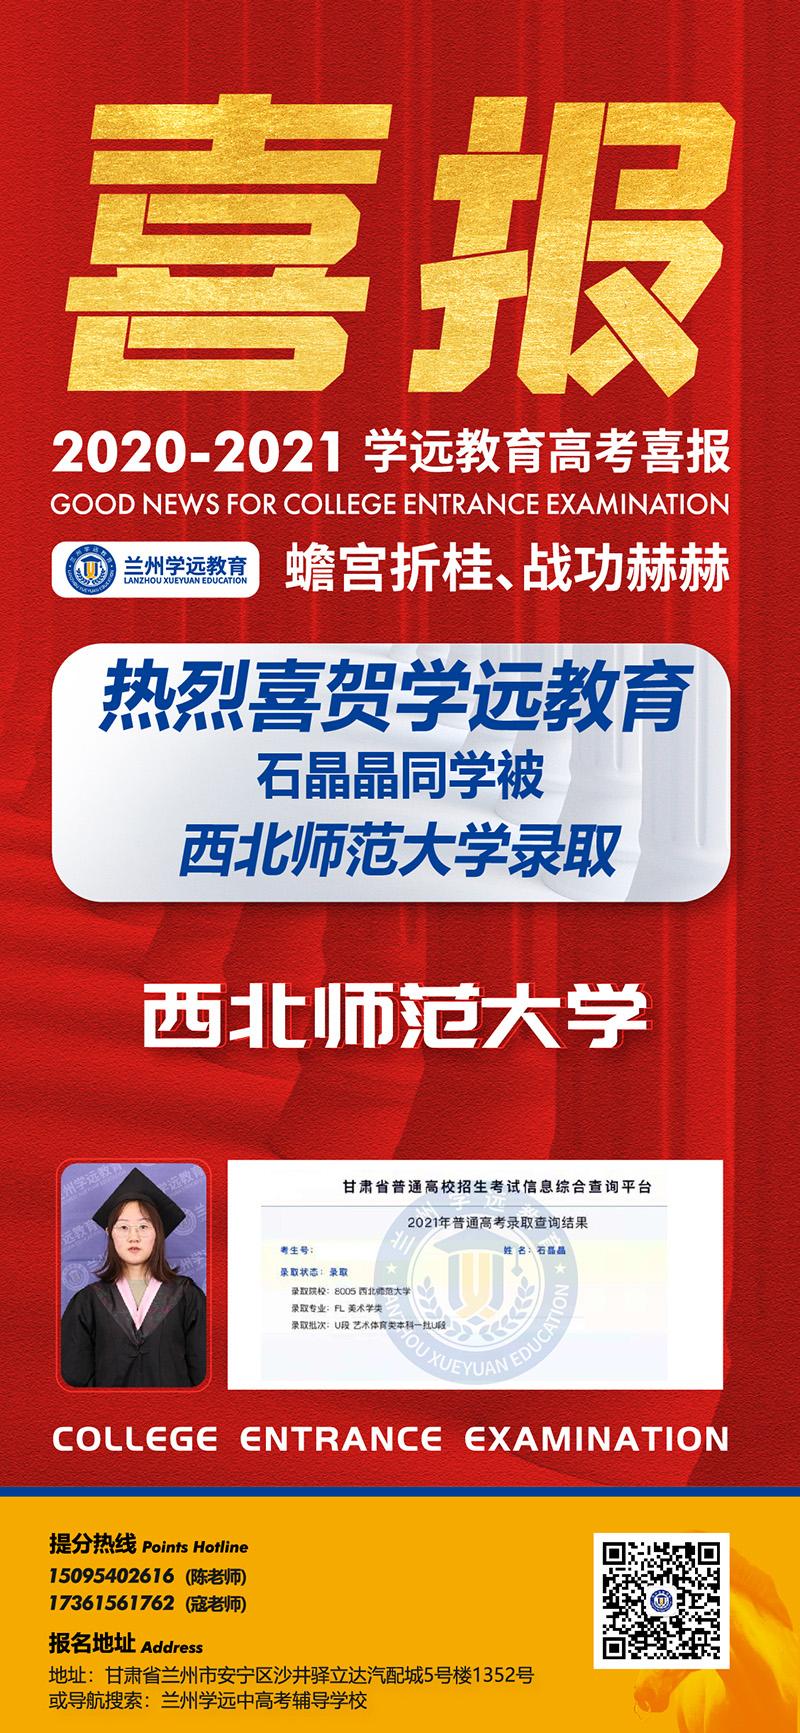 石晶晶同学被西北师范大学录取